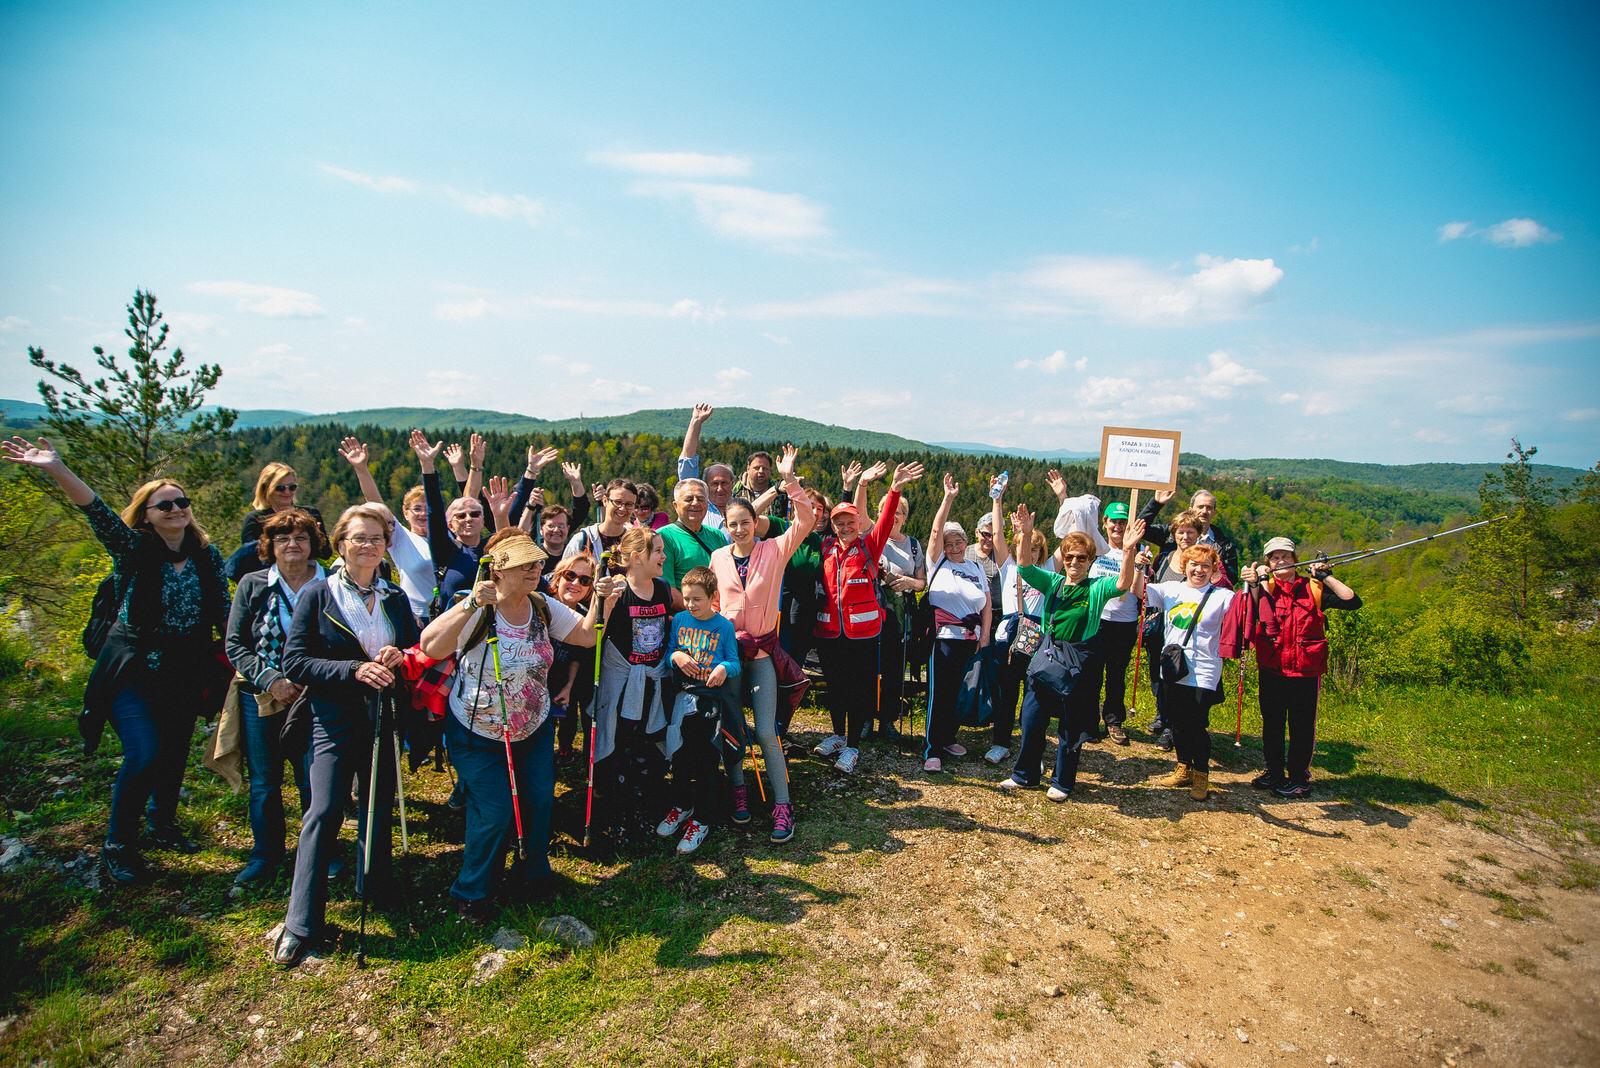 likaclub_slunj_rastoke_5-festival-nordijskog-hodanja_2019-83